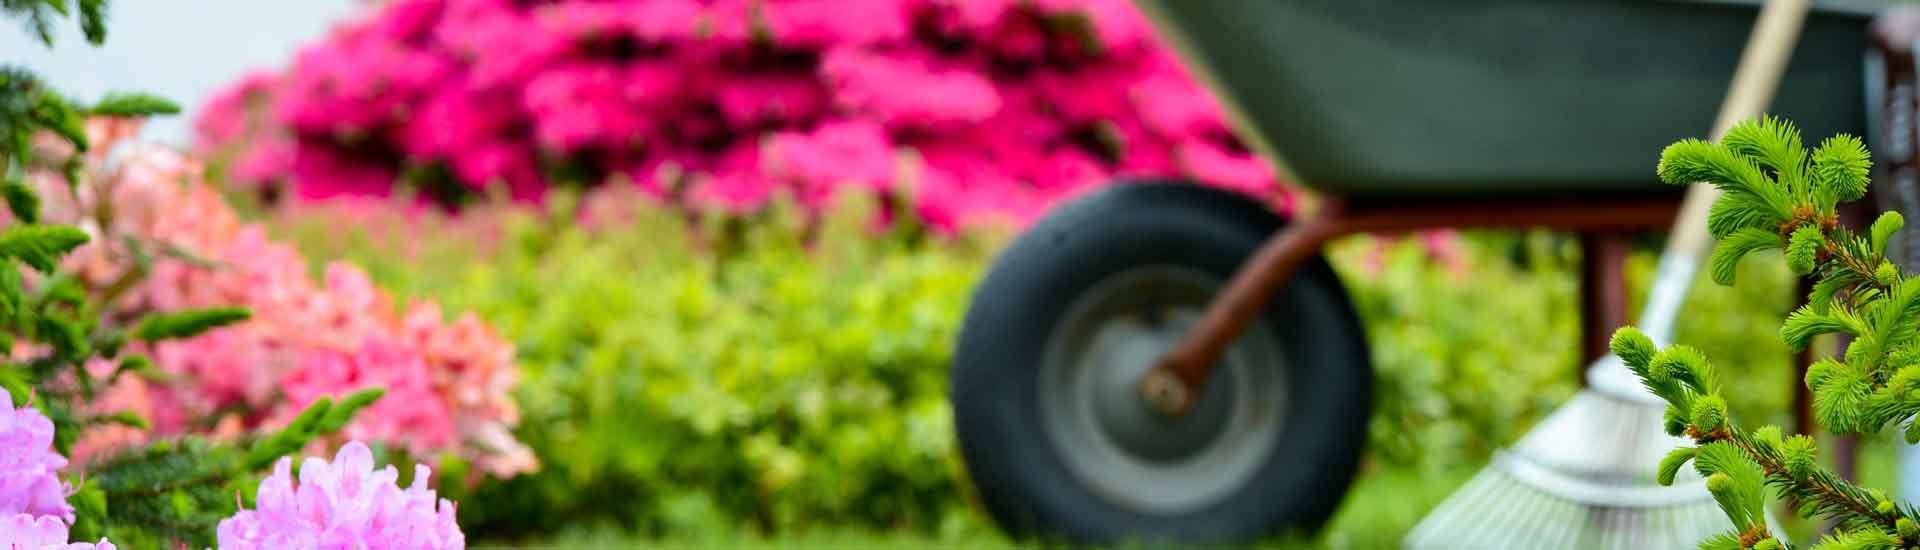 Souscrivez à notre contrat d'entretien jardin en Suisse